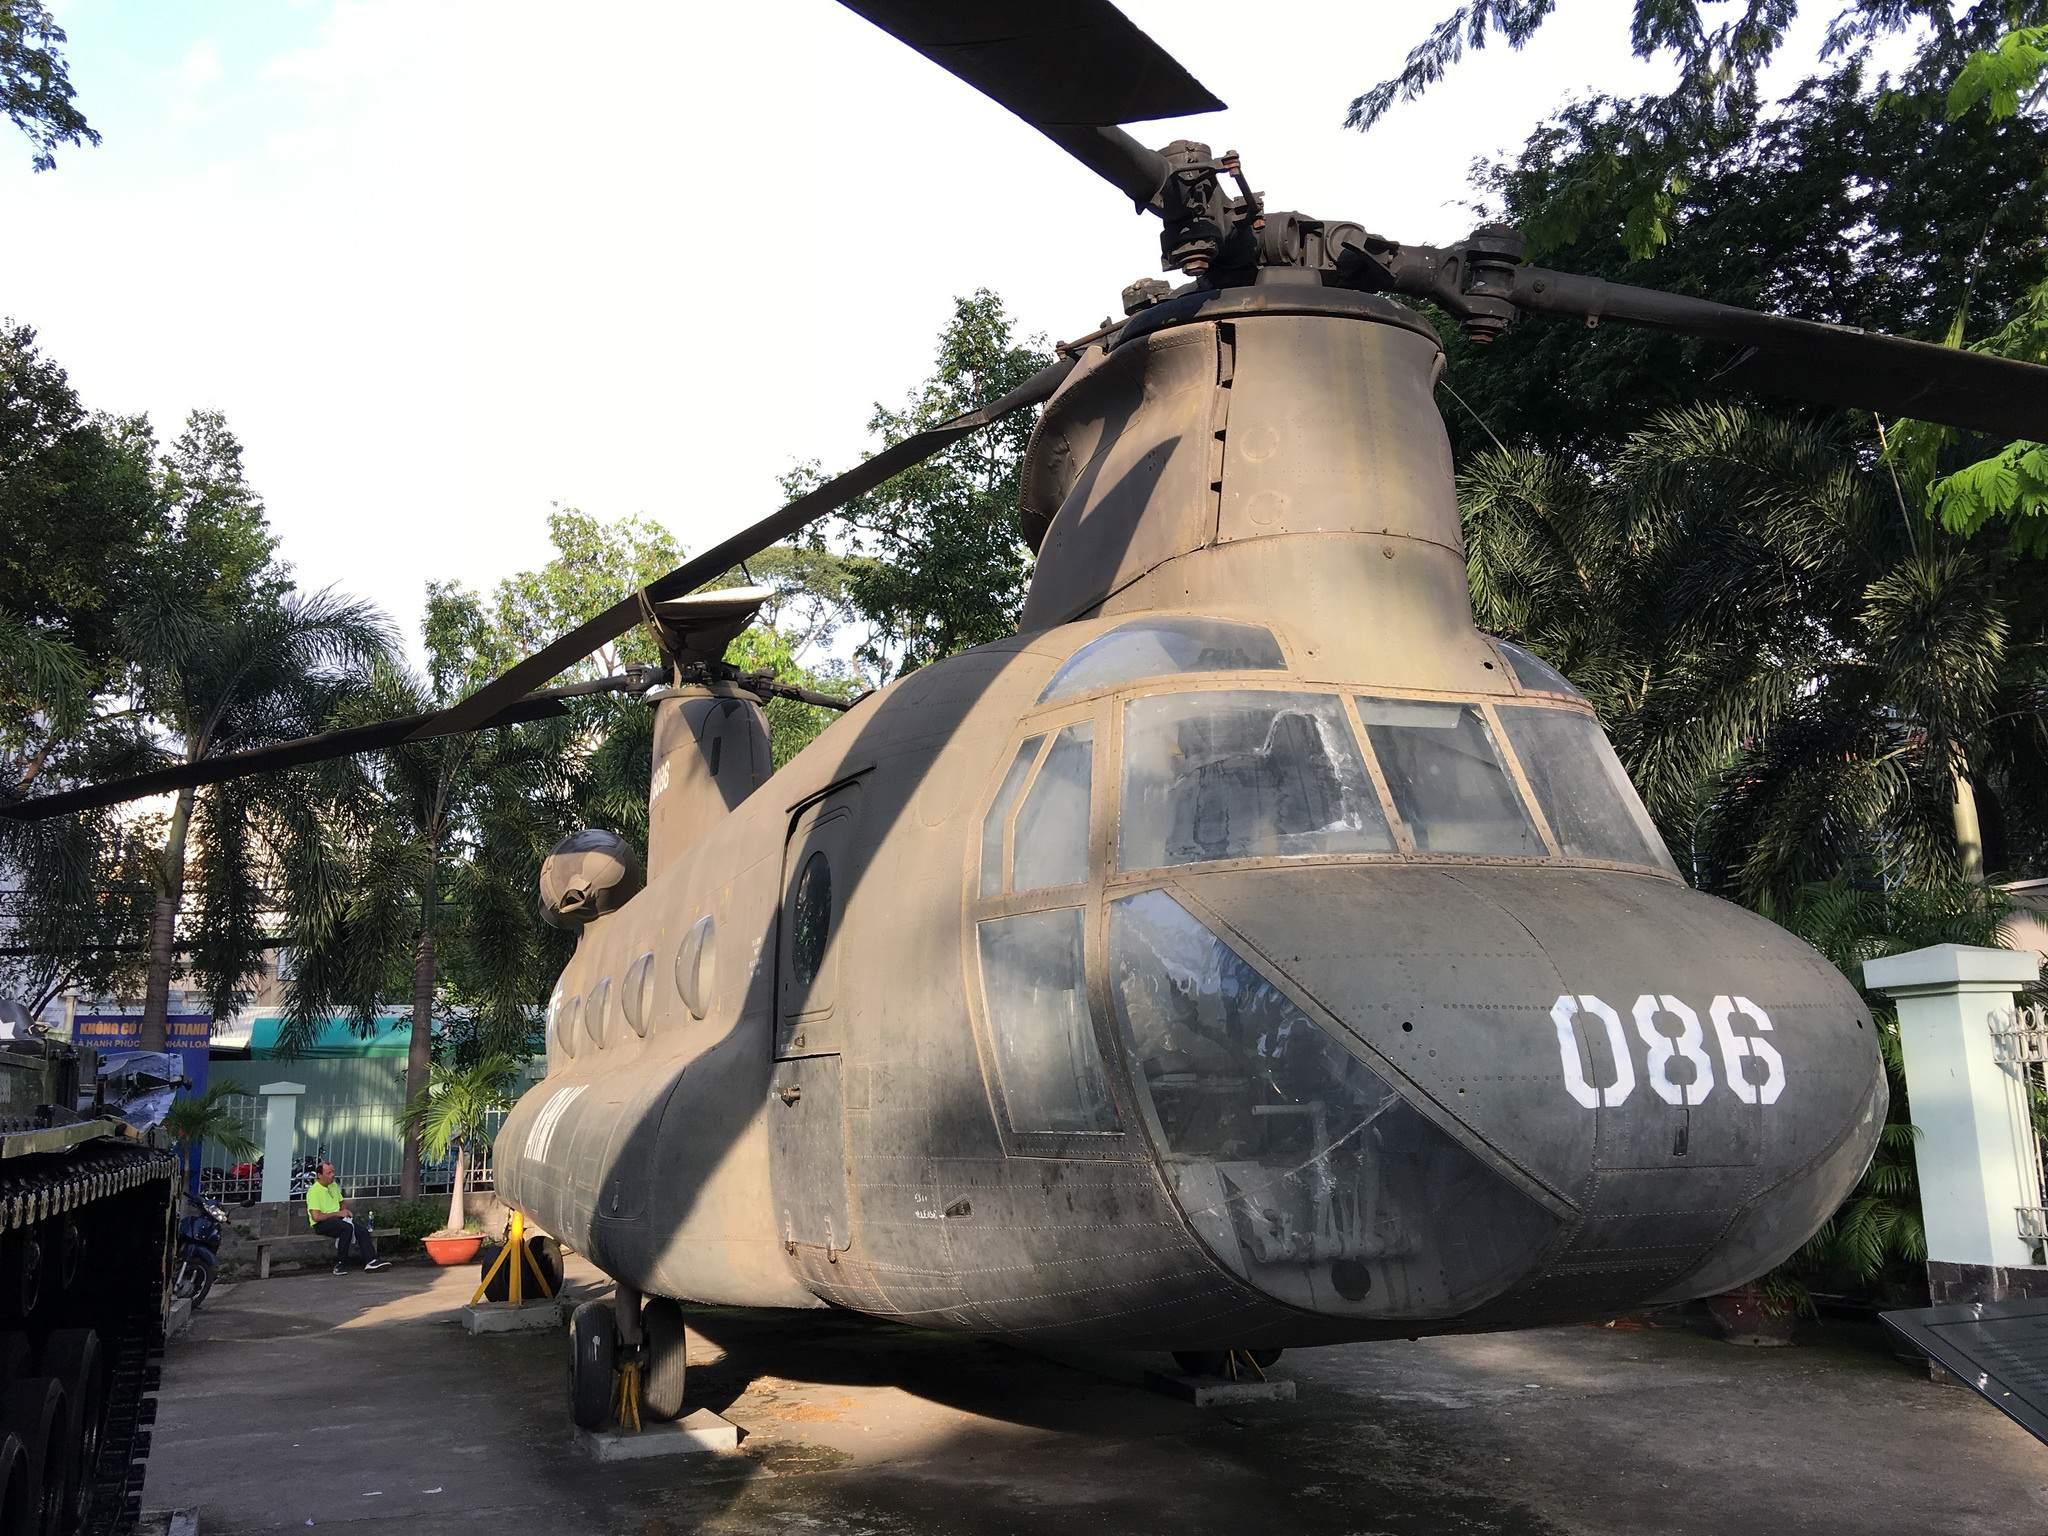 war remnants museum3 War Remnants Museum in Ho Chi Minh City, Vietnam